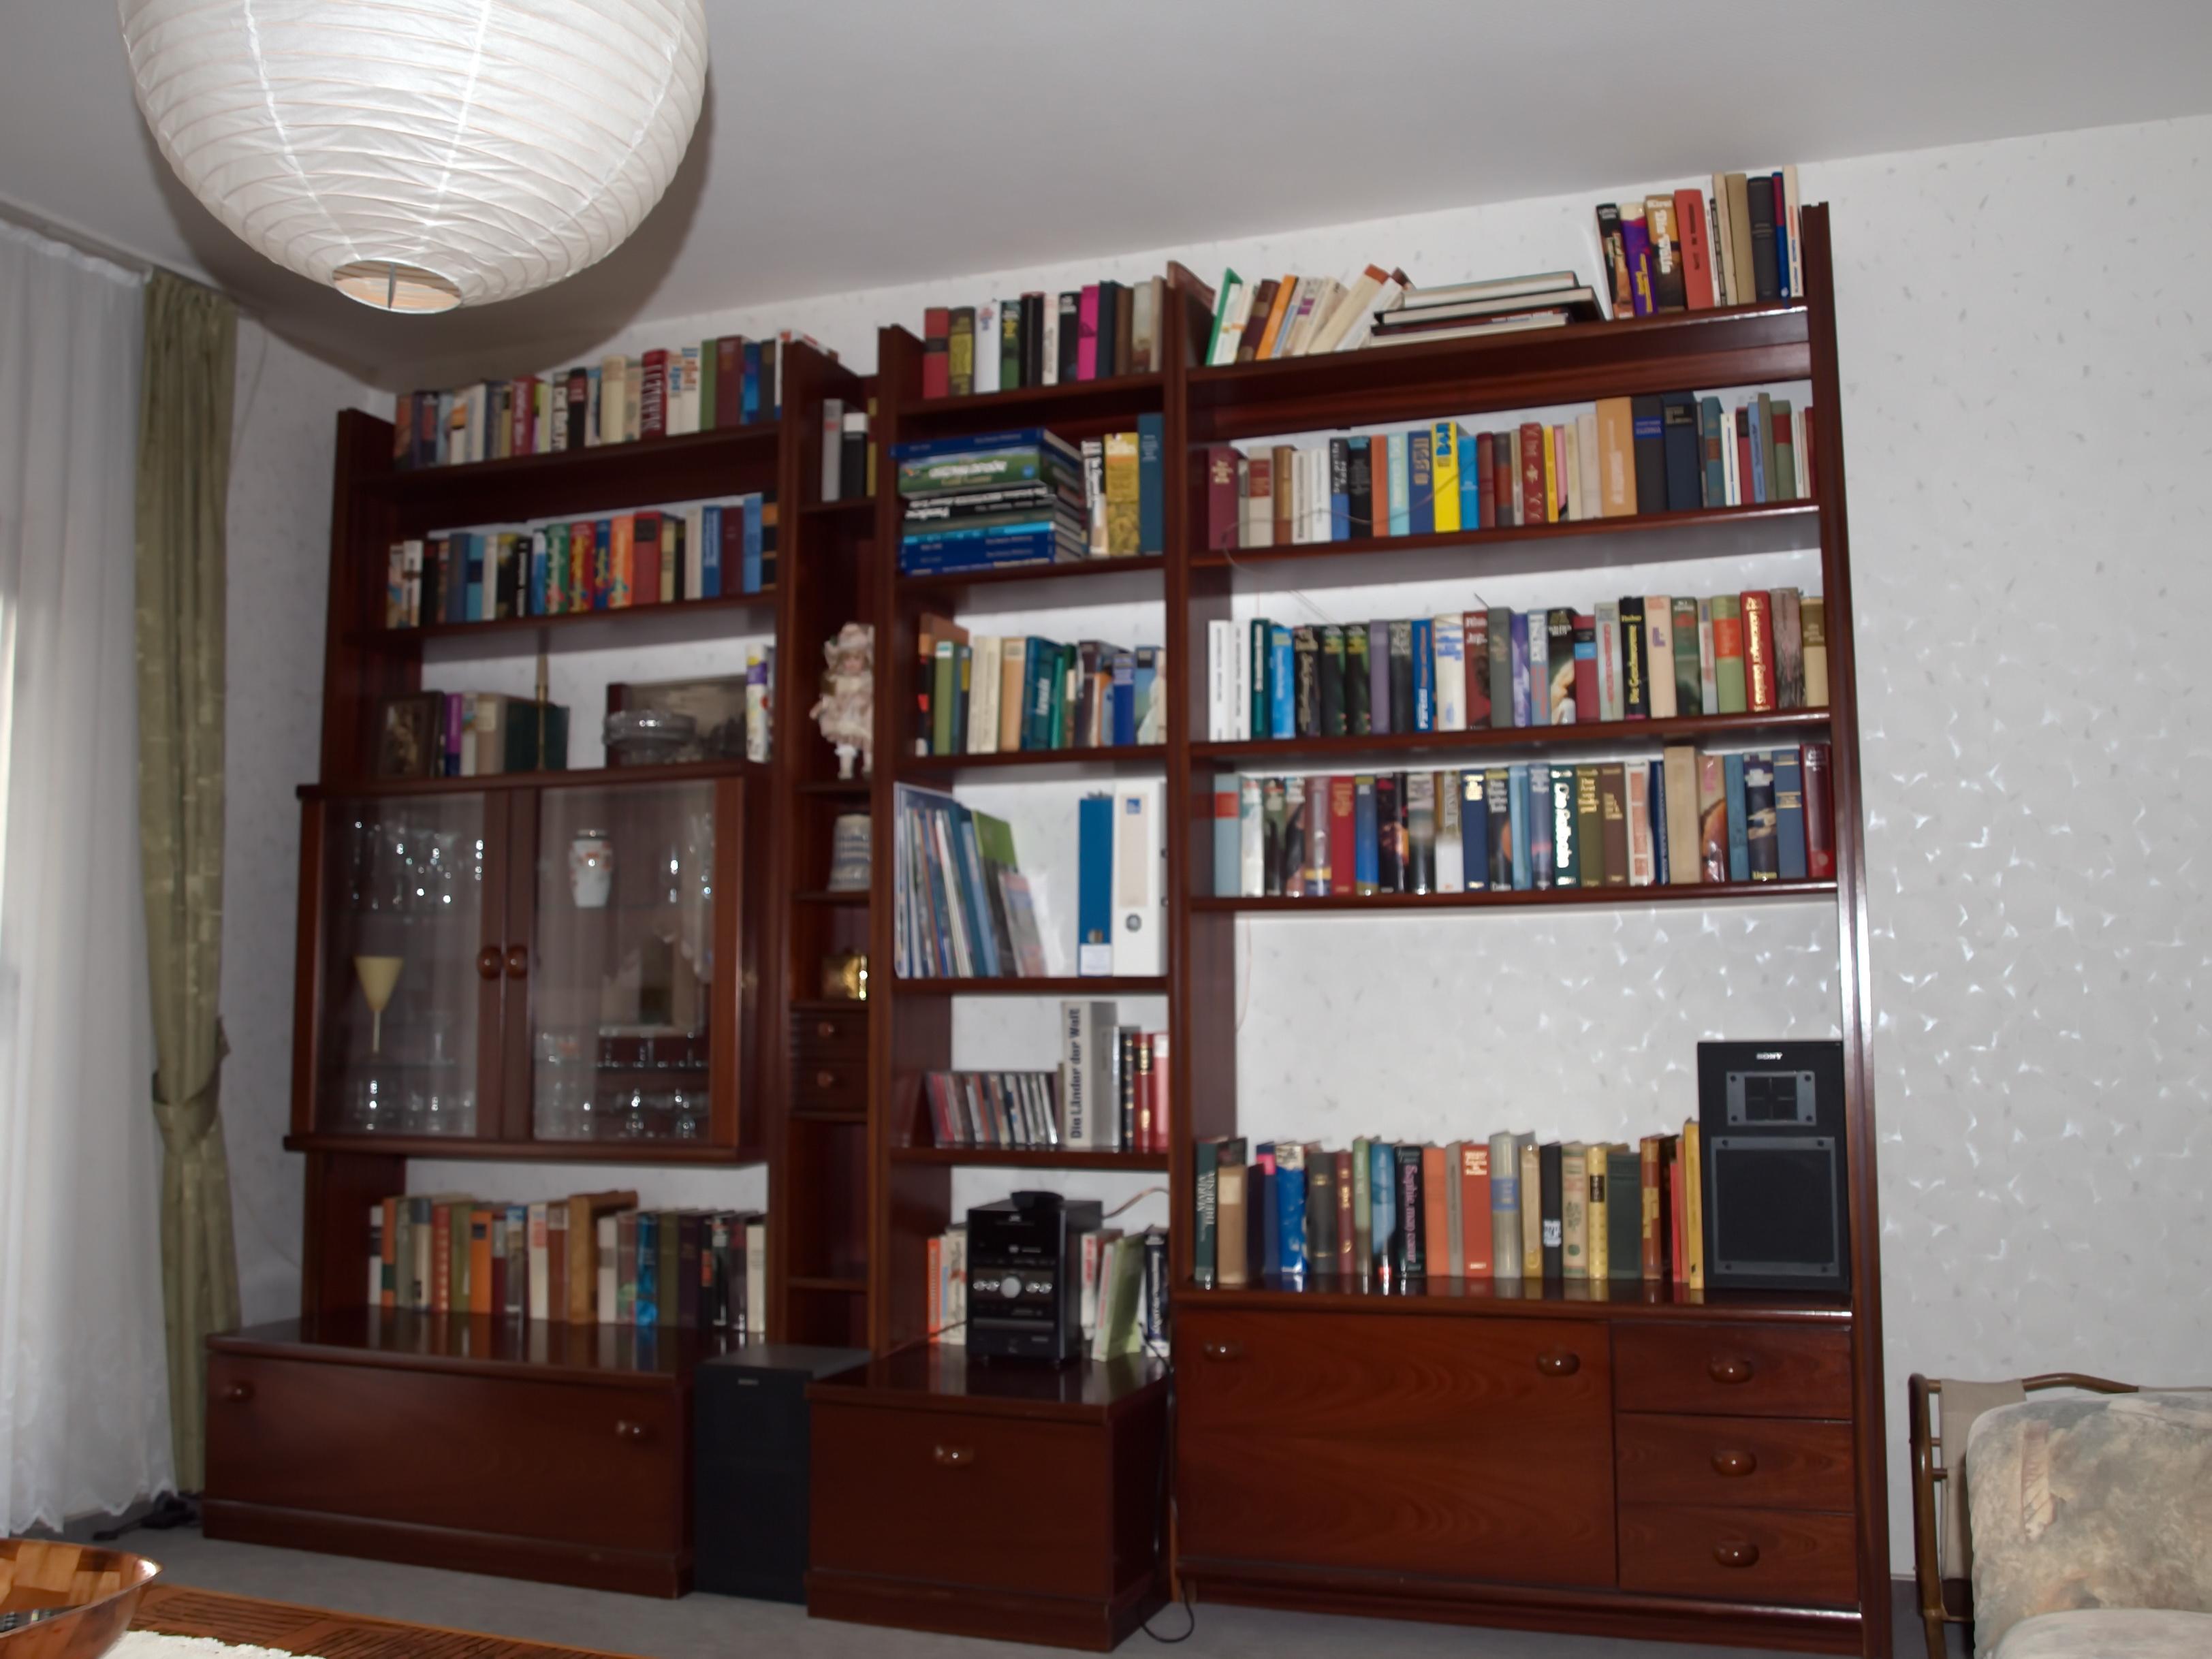 Schrankwand mit Literatur und Stereo-Anlage